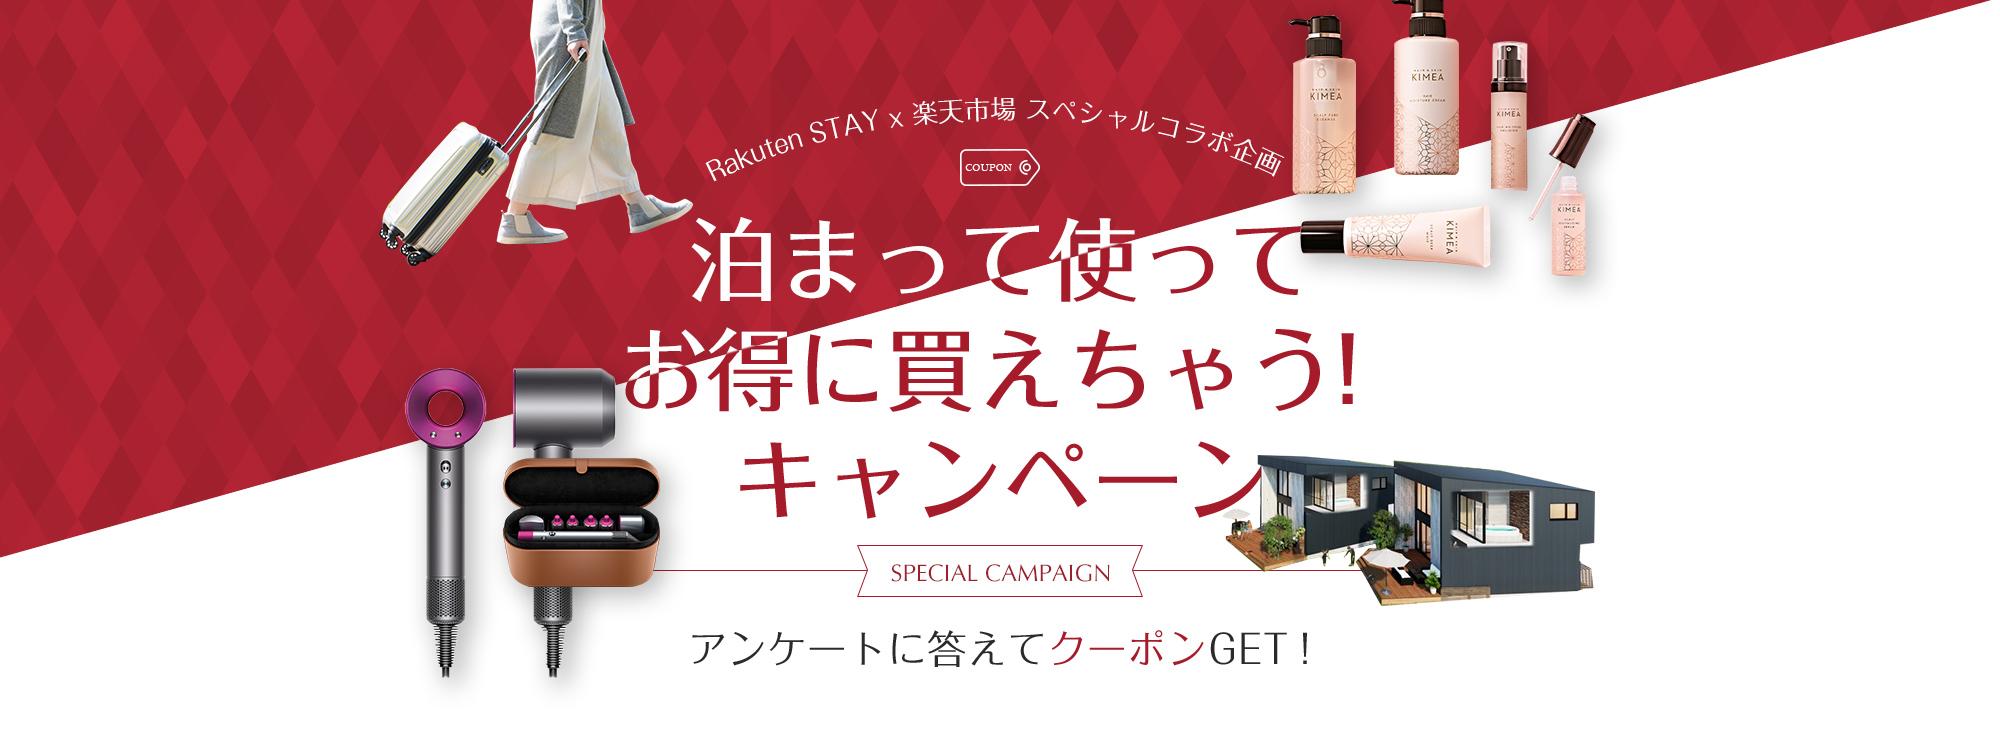 ~ Rakuten STAY x 楽天市場 スペシャルコラボ企画 ~ 「泊まって使ってお得に買えちゃう! キャンペーン」